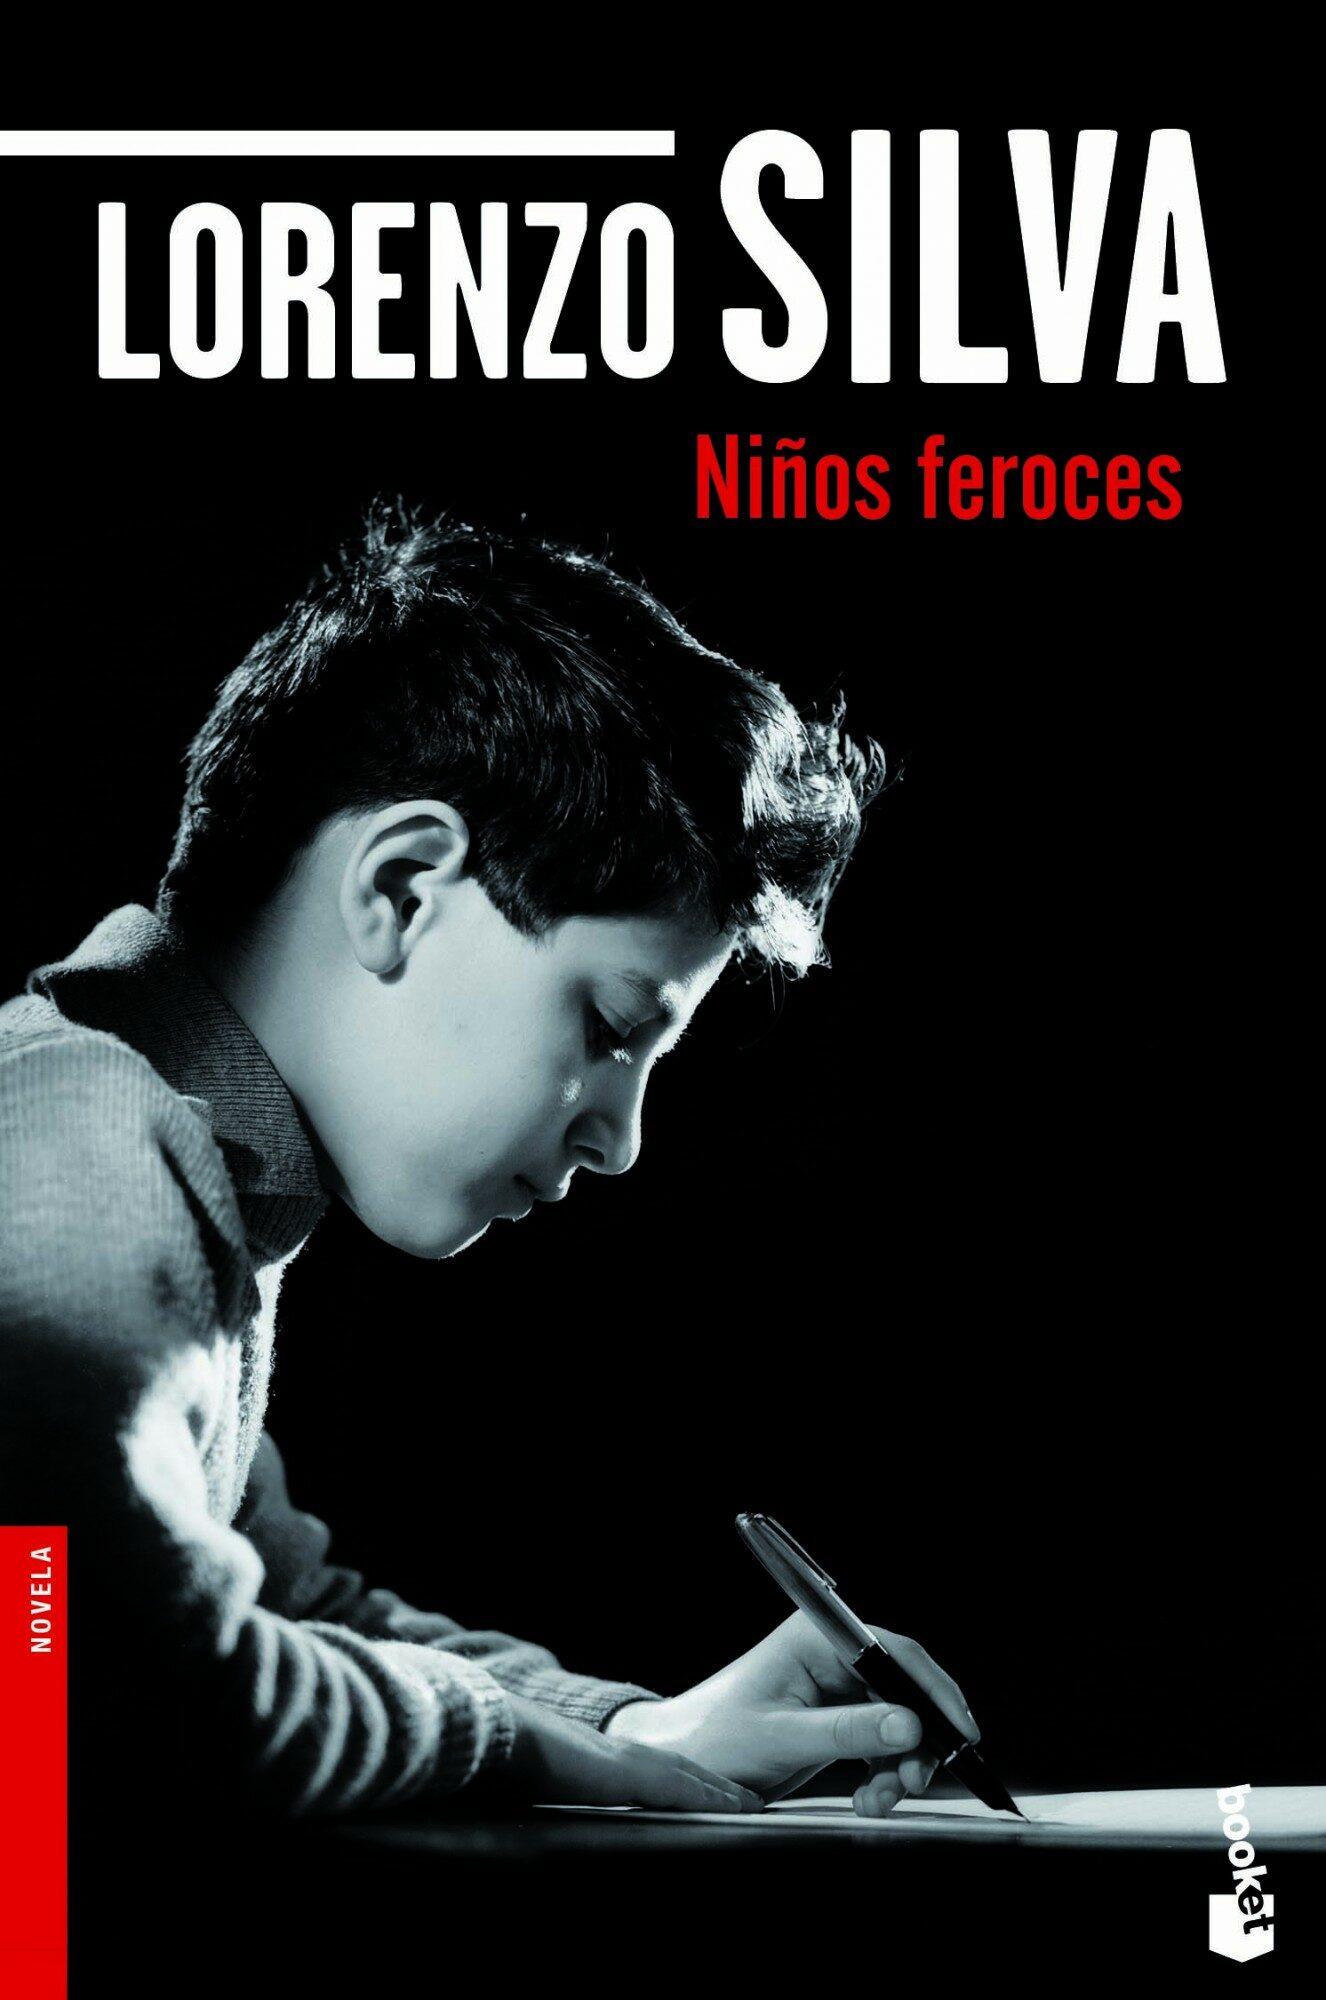 niños feroces-lorenzo silva-9788423327966